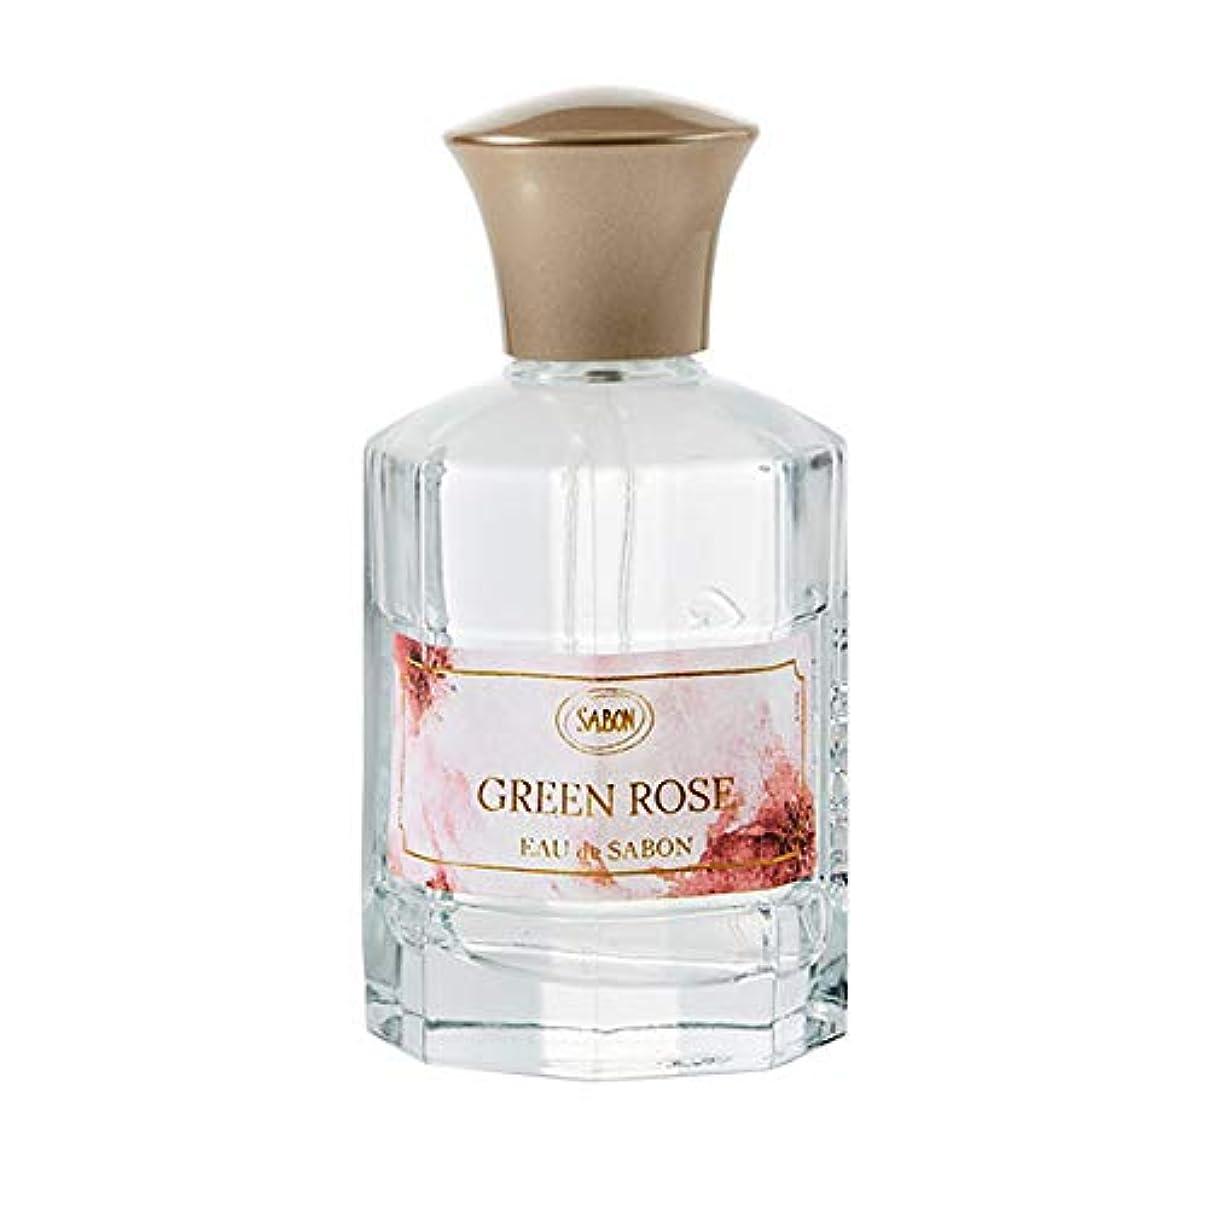 我慢する呼吸追加するサボン SABON オー ドゥ サボン グリーンローズ ( GREEN ROSE ) 80ml オードトワレ フレグランス 香水 パフューム デイリーパフューム